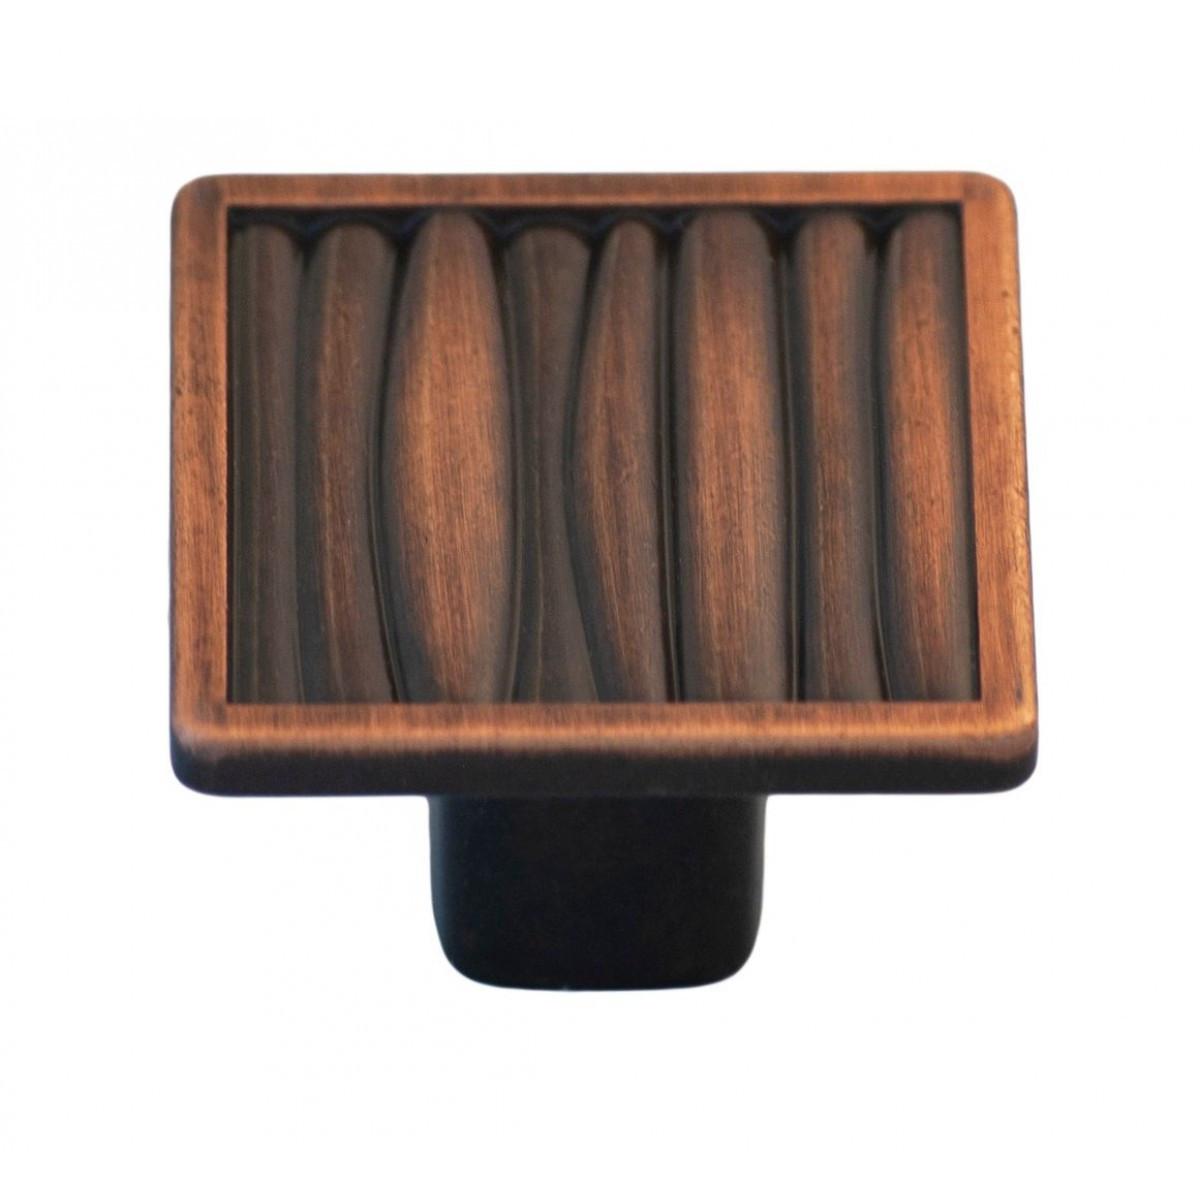 Ручка мебельная Ozkardesler KUMSAL DUGME 6100-09 Медь